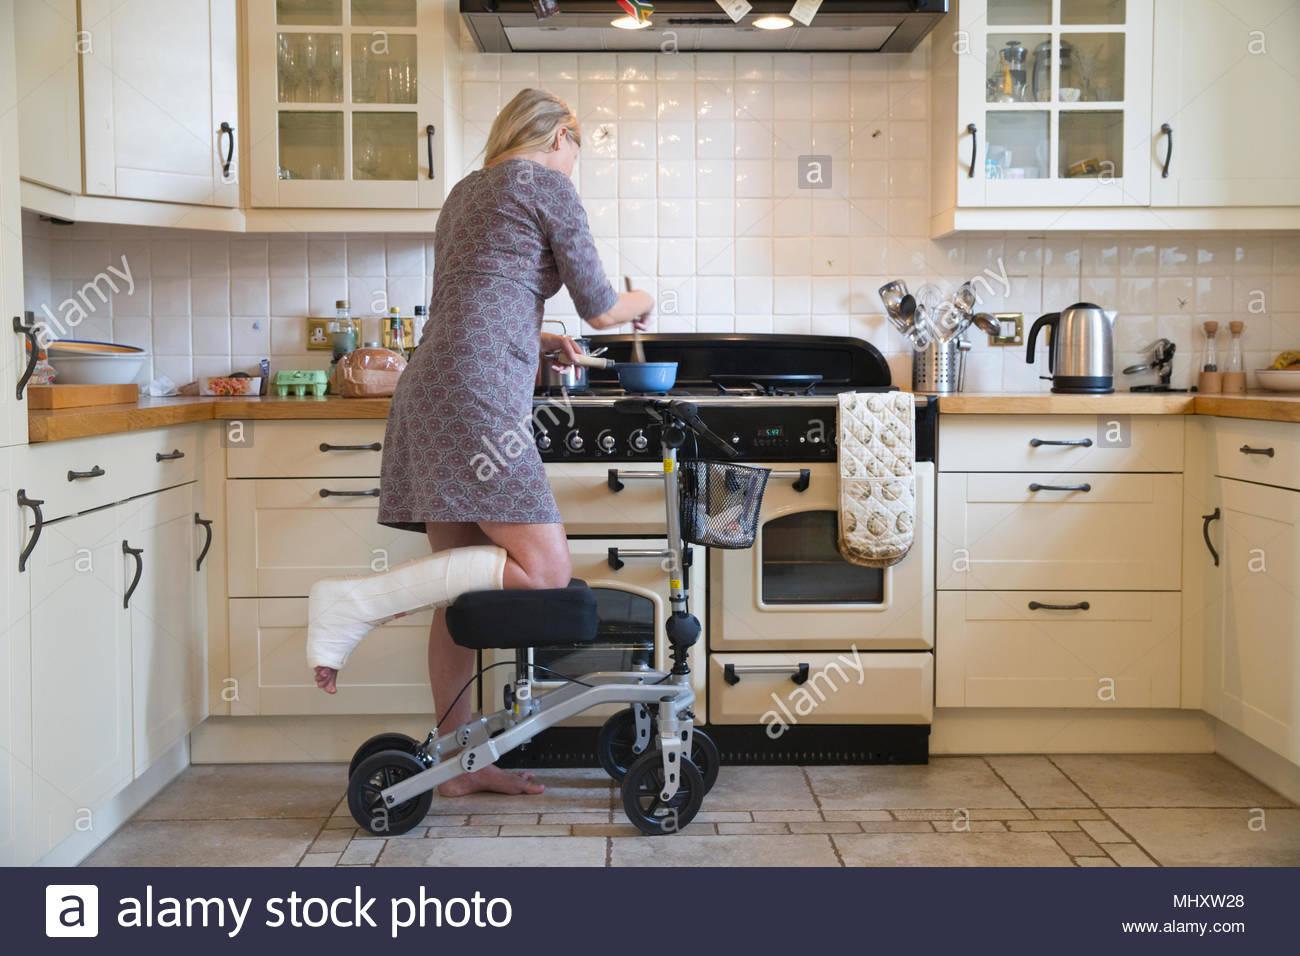 Femme avec la jambe en plâtre à l'aide d'aide à la mobilité tout en repas de cuisine Photo Stock